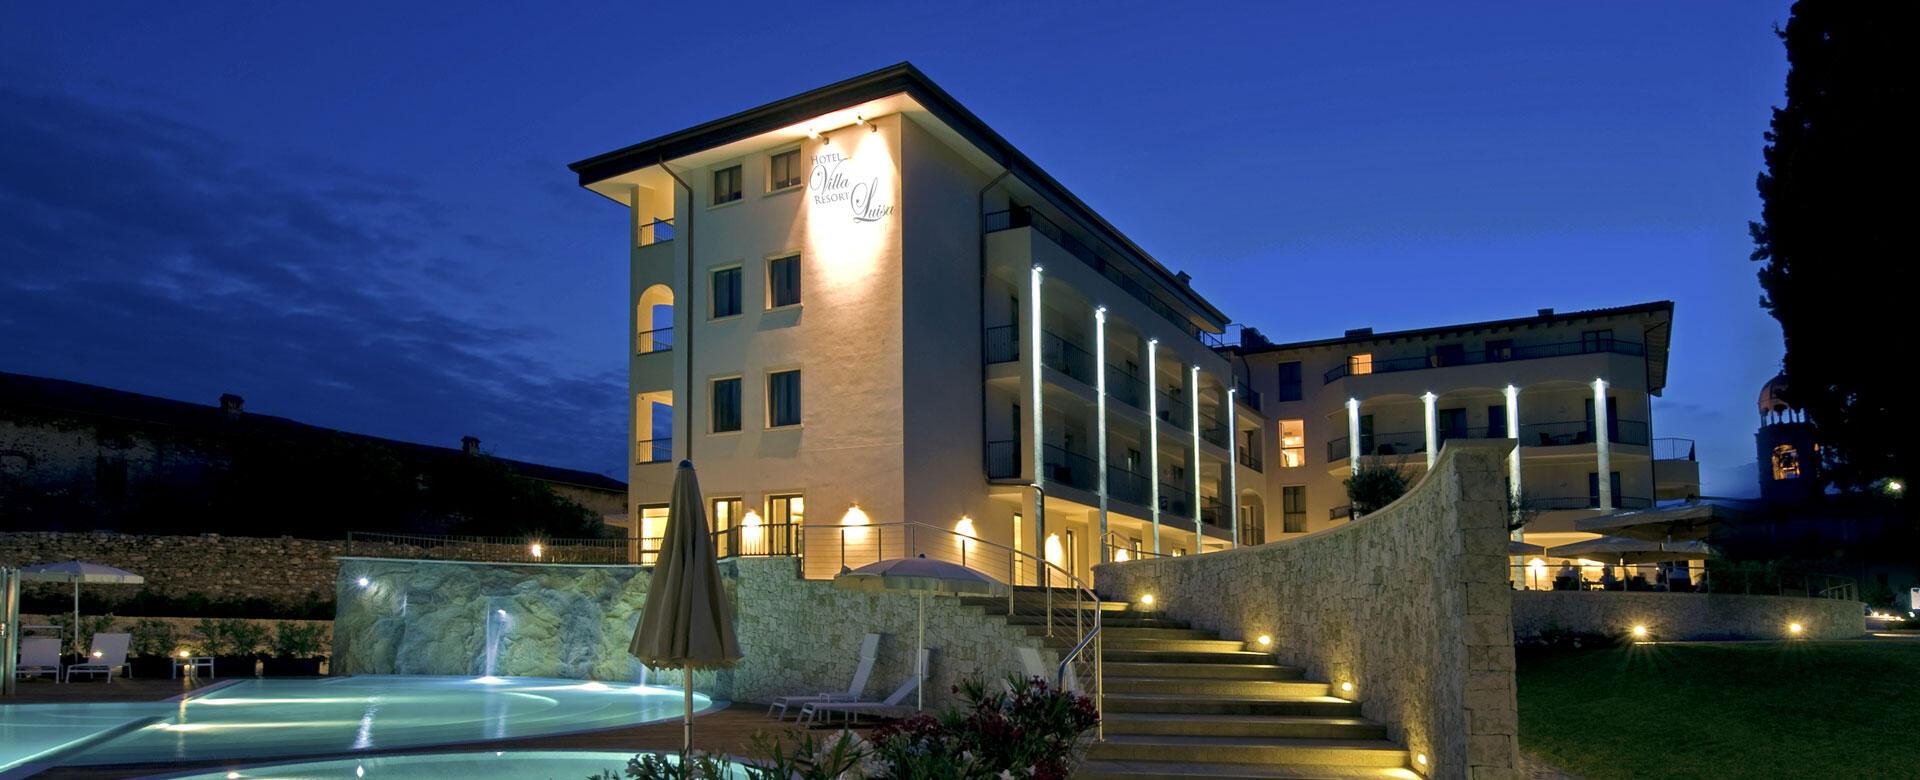 hotelvillaluisa it gallery 003